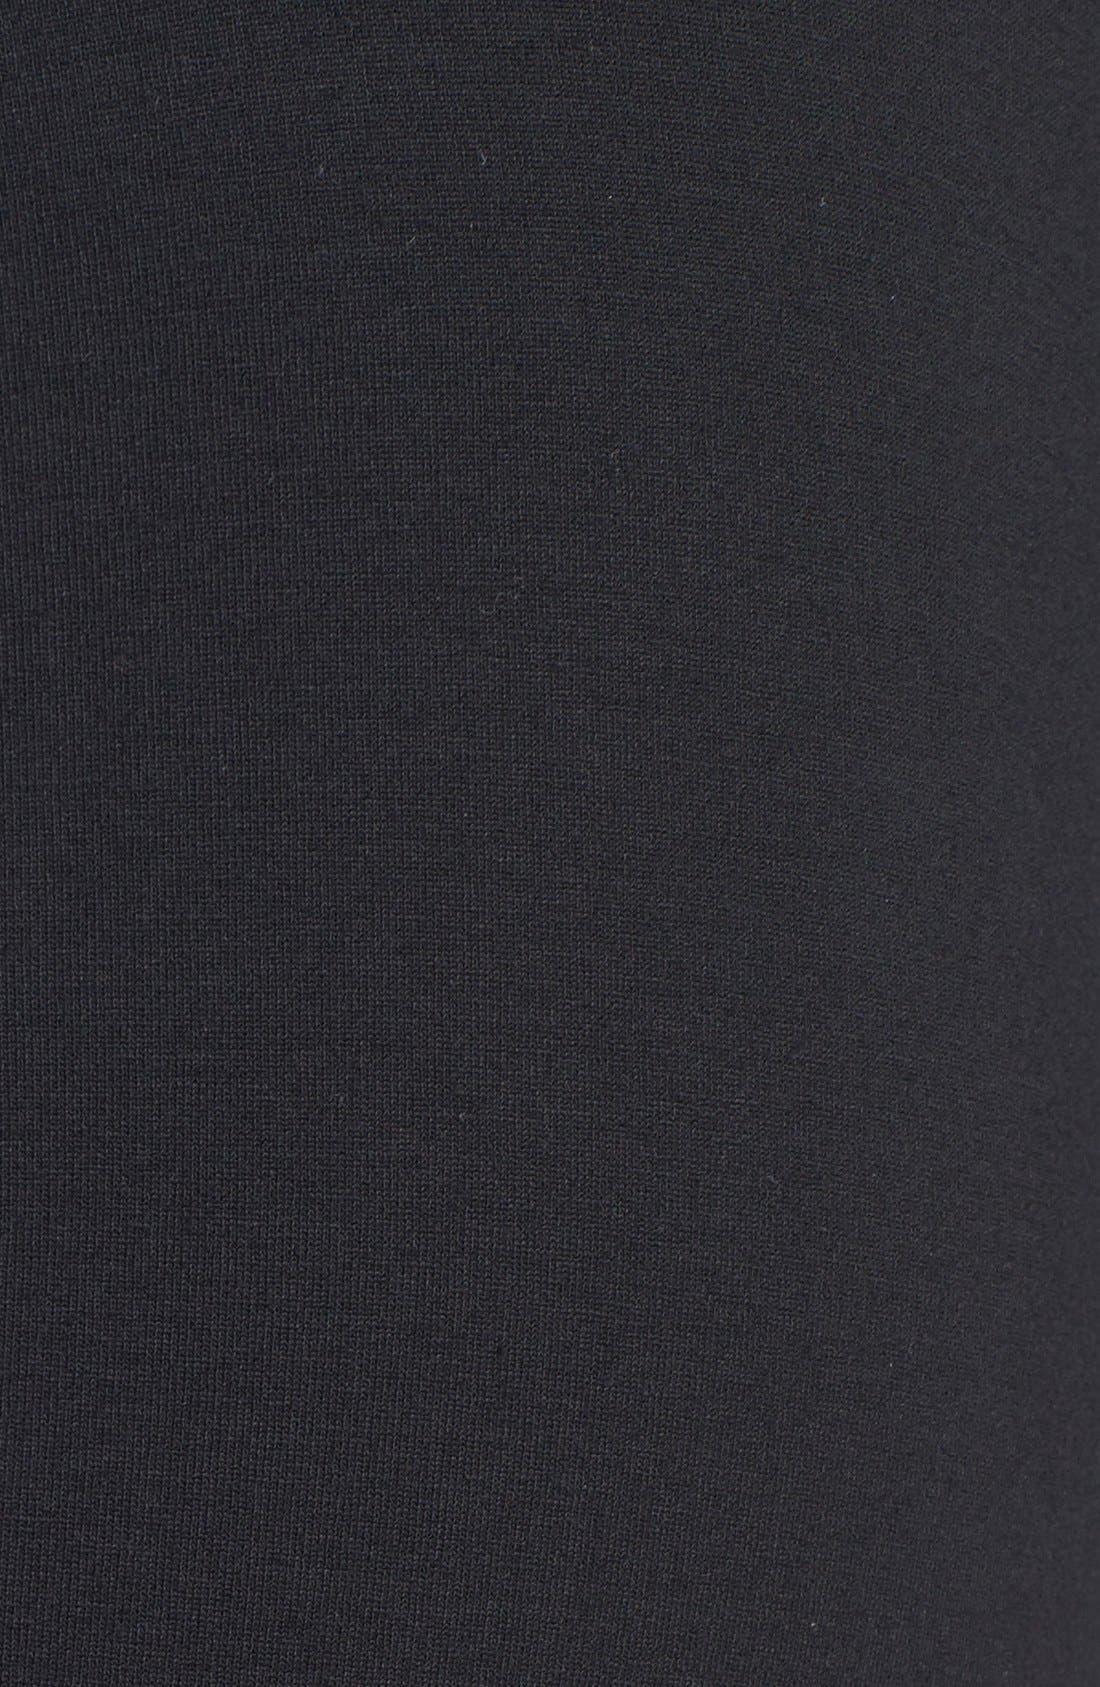 Skirted Leggings,                             Alternate thumbnail 3, color,                             Black